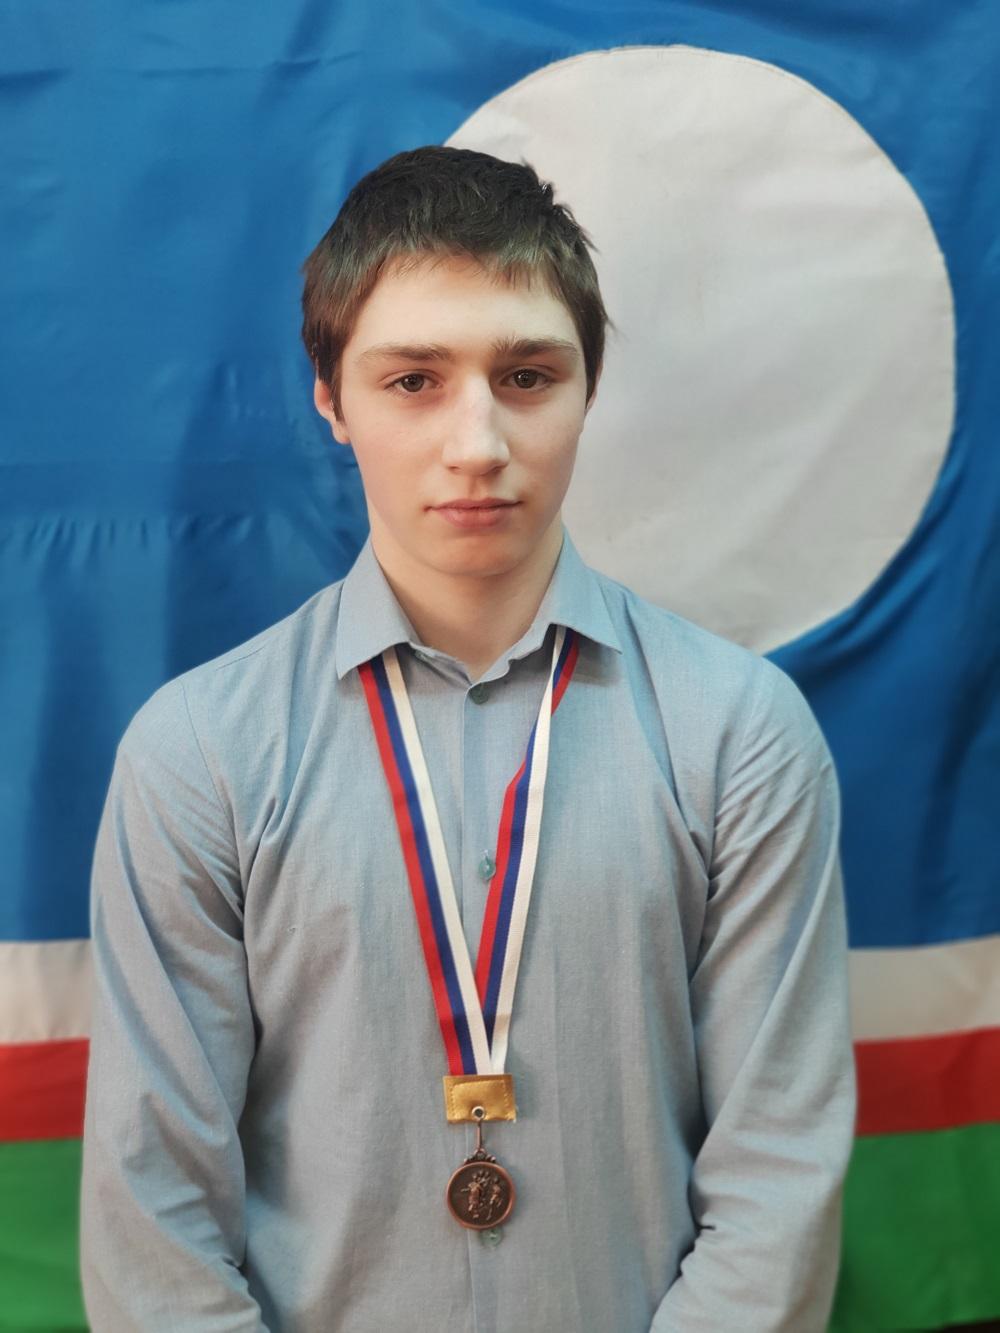 Винтин Илья 10 класс обладатель Бронзовой медали